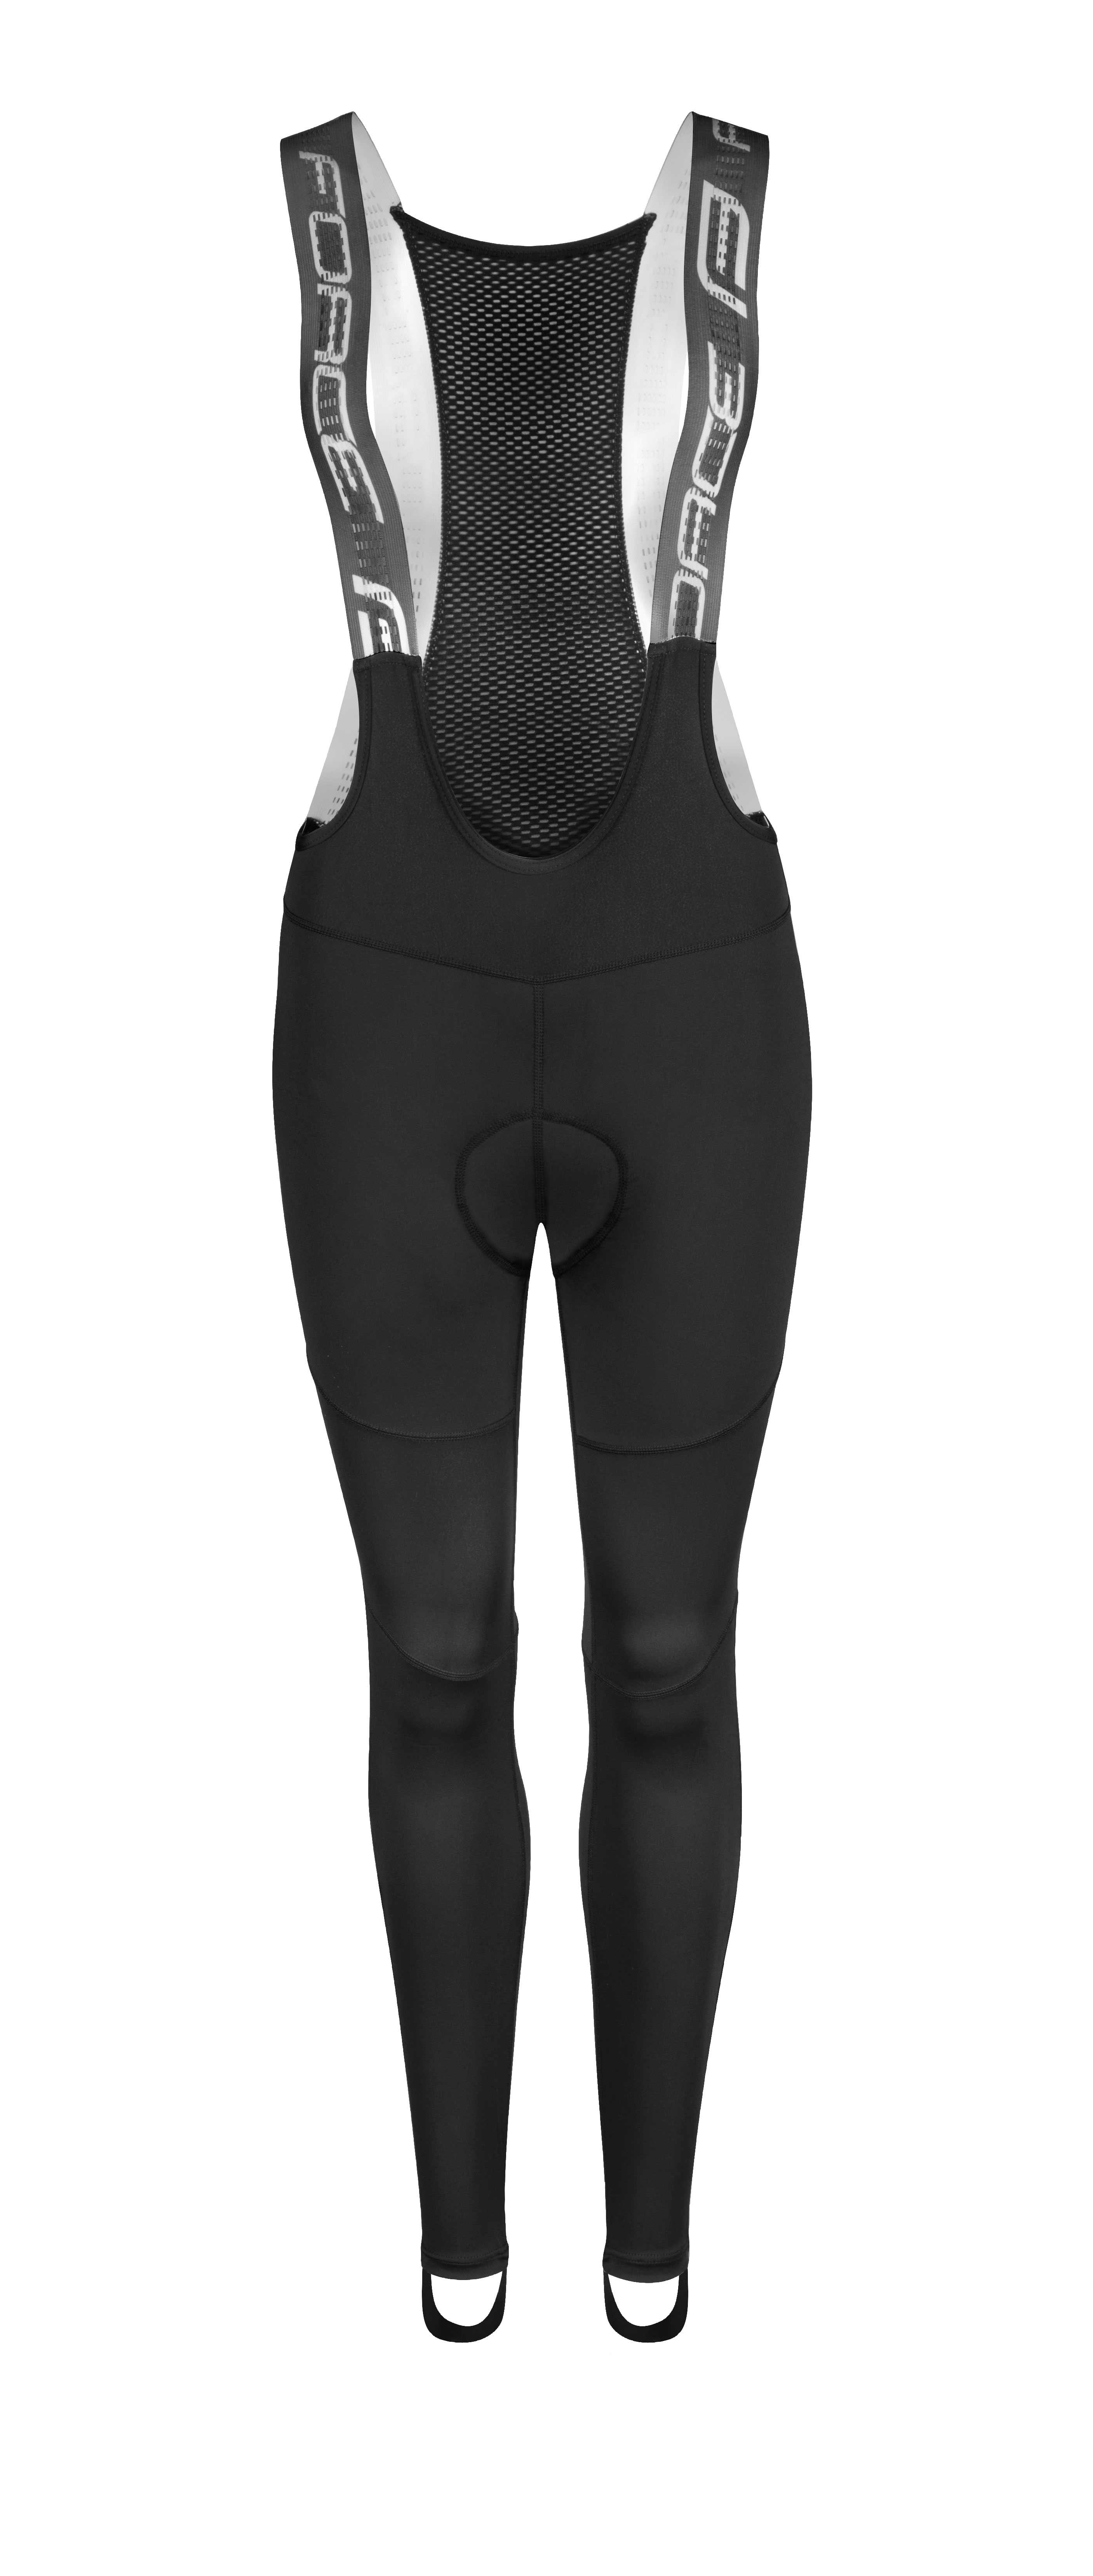 kalhoty F SPRING LADY se šráky a vl, černé XXL